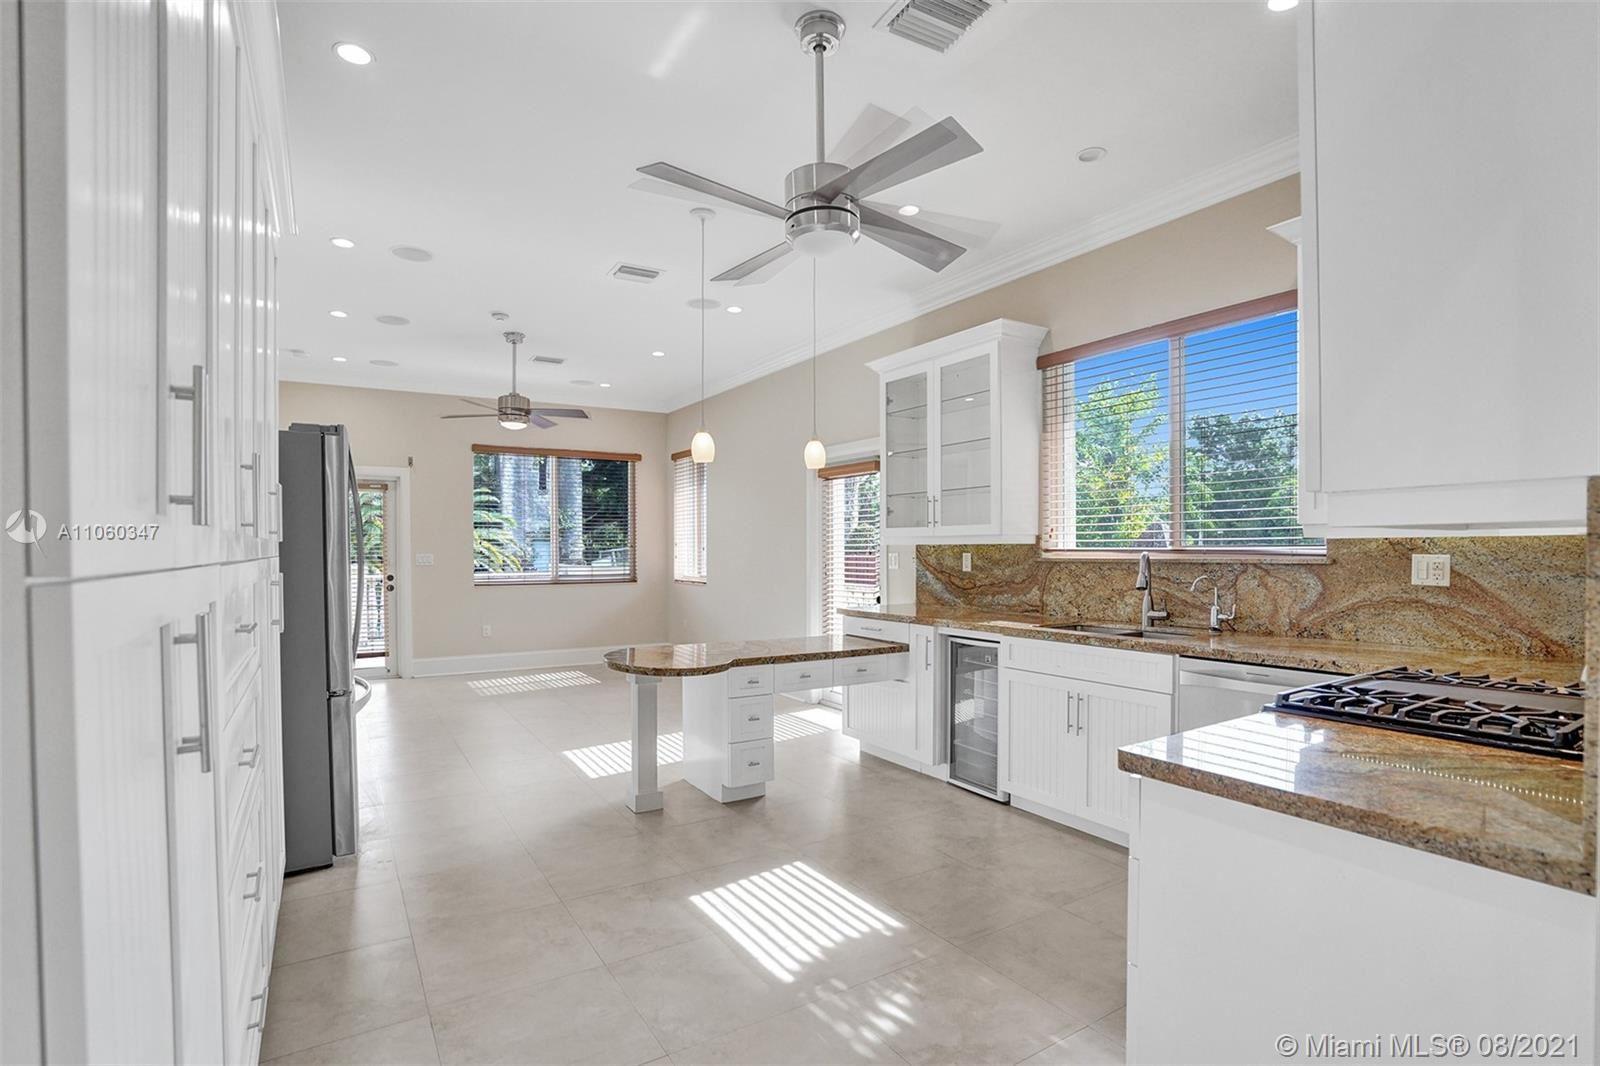 5731 SW 35th St, Miami, FL 33155 - #: A11060347